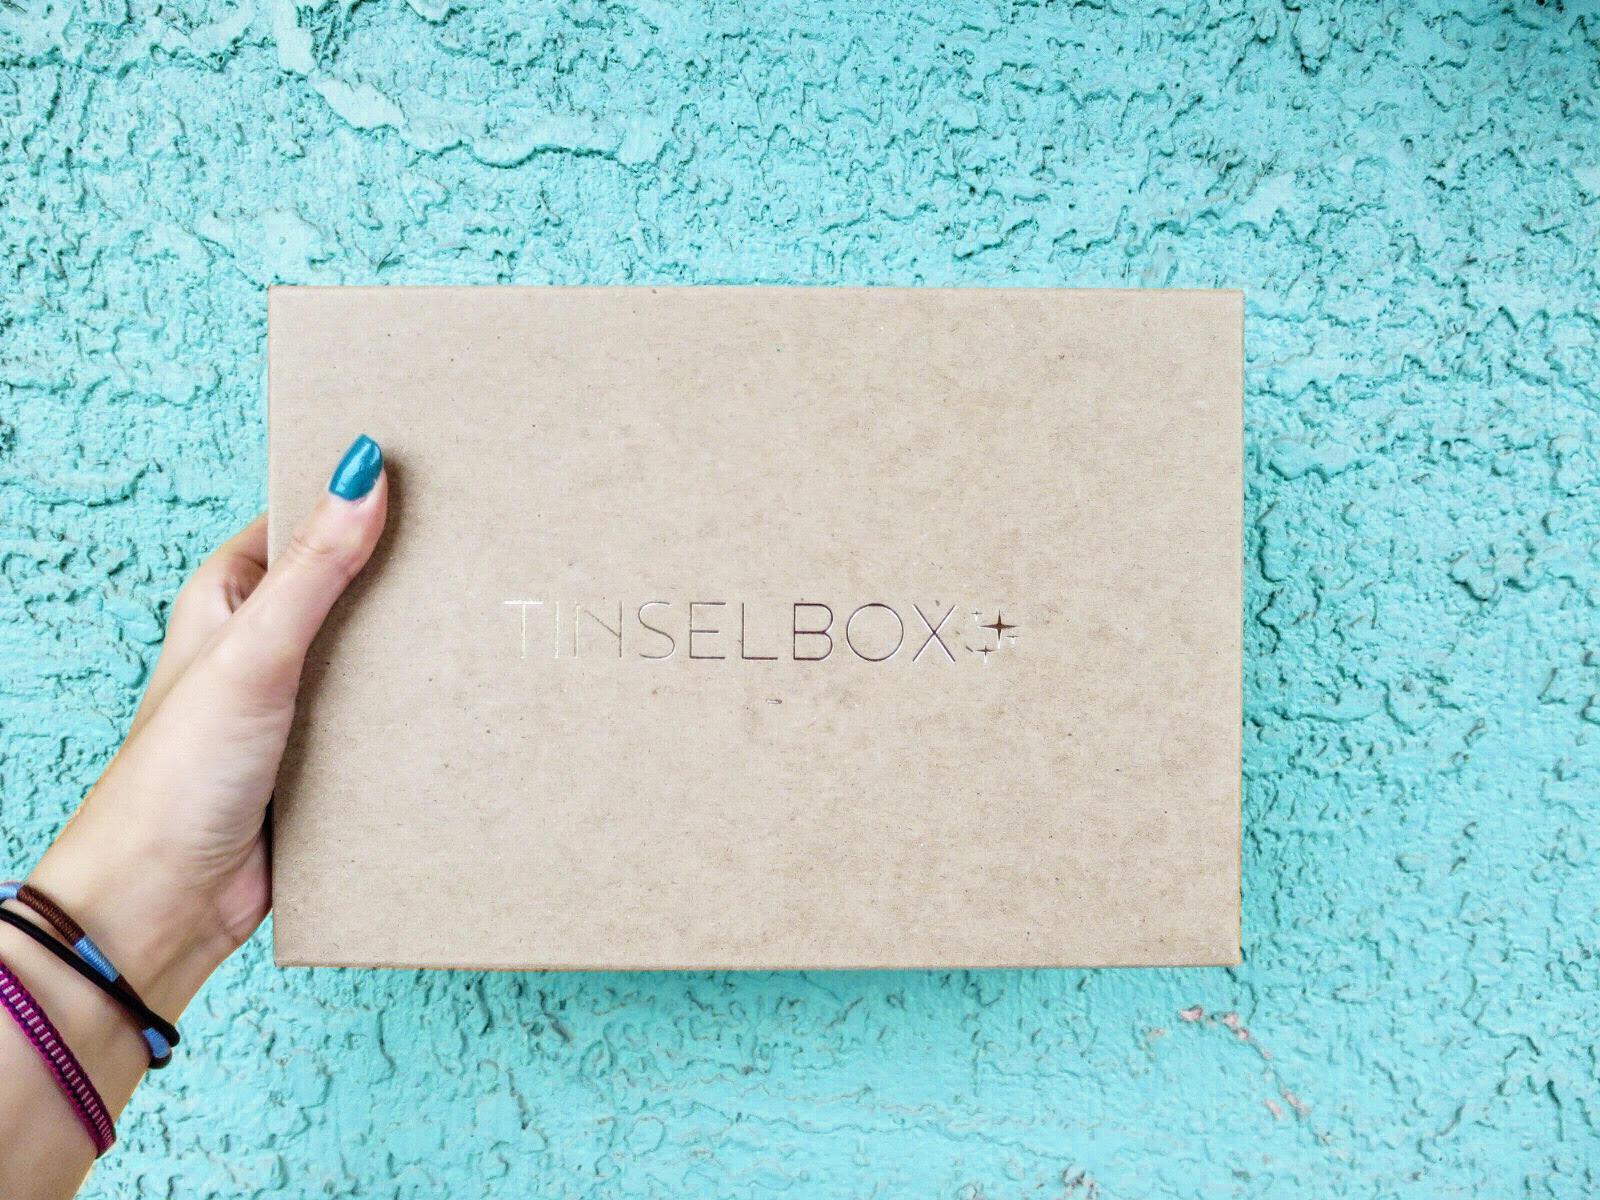 My first Tinselbox! I'm pretty pumped.